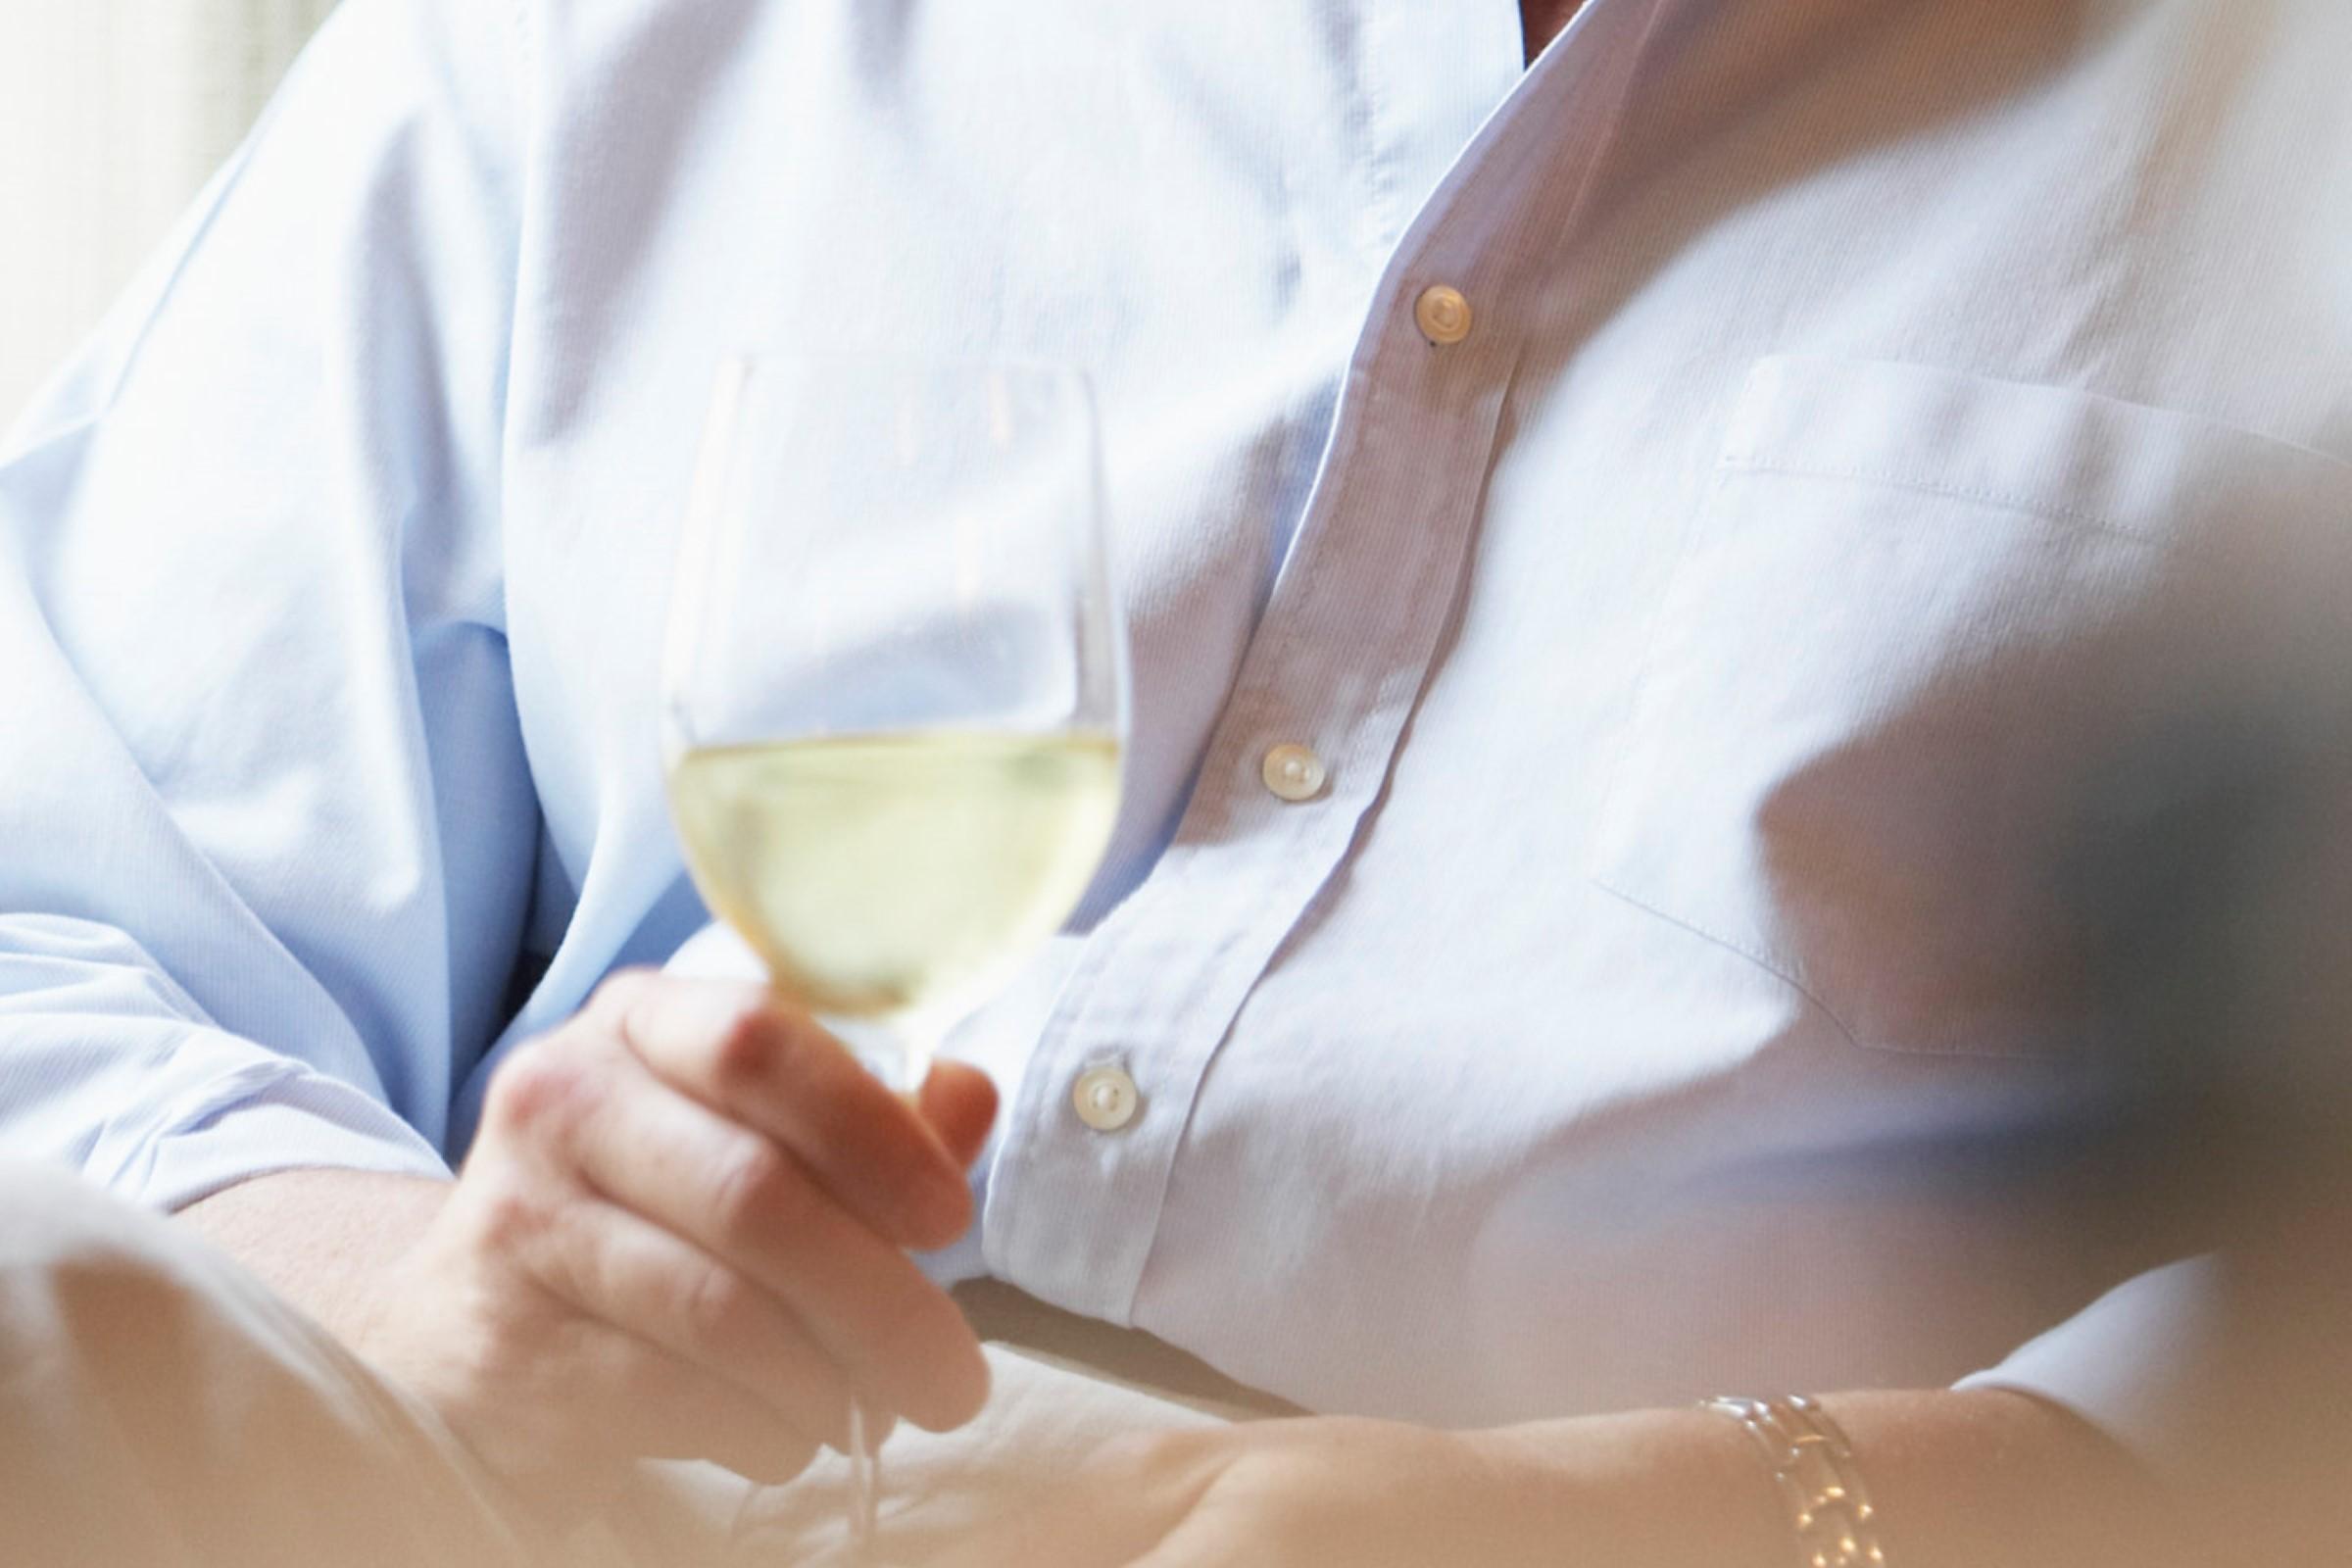 Du kan få hjelp til å endre kurs om du drikker for mye og for ofte.